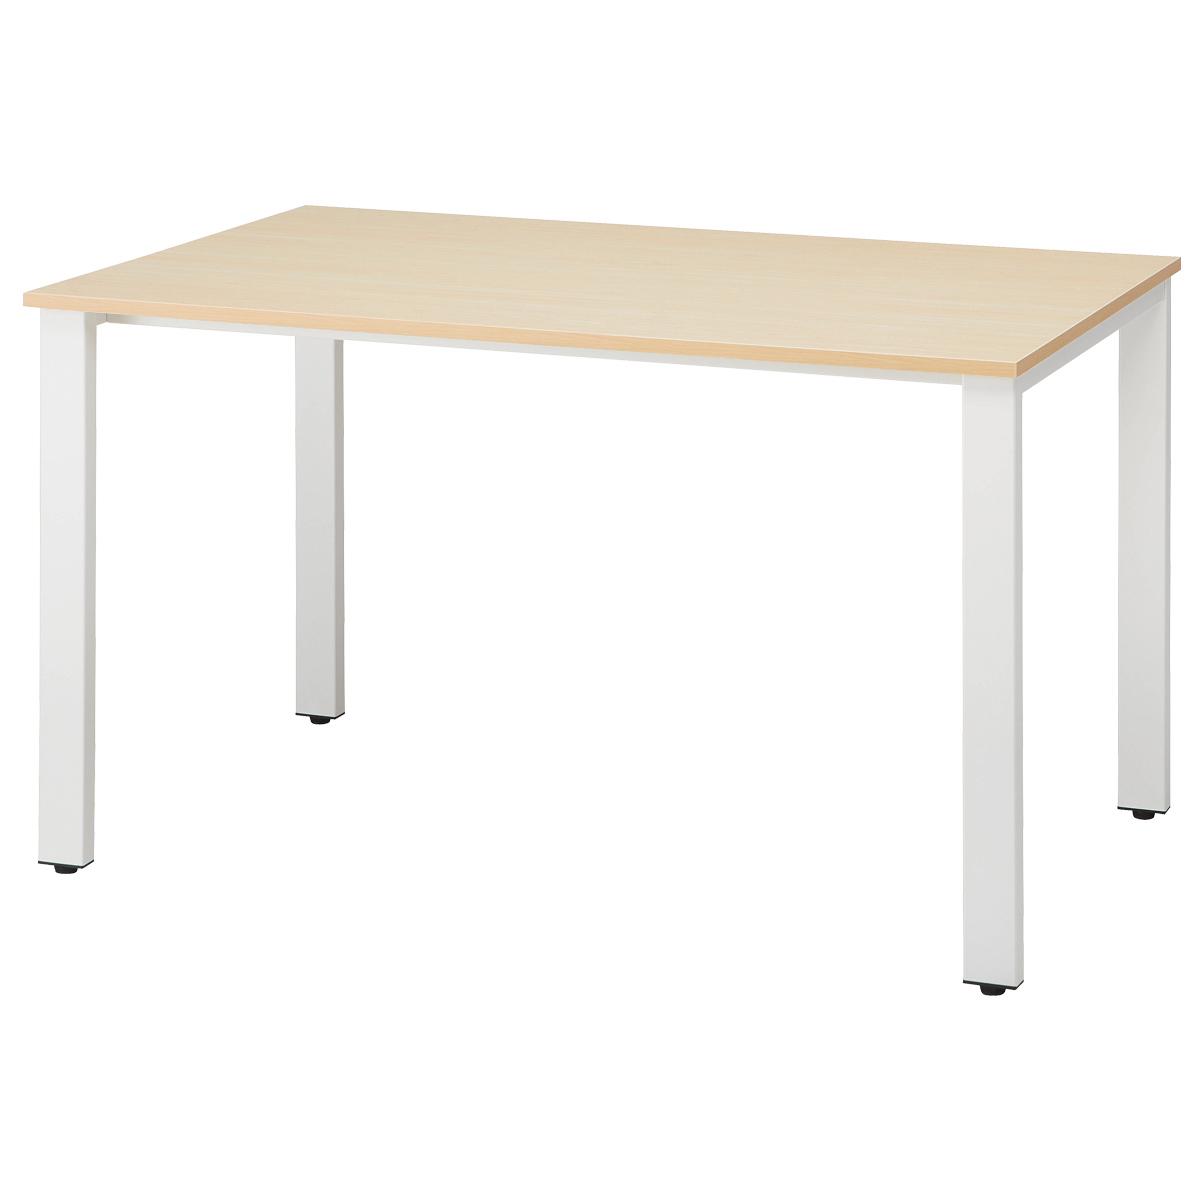 オフィス用ミーティングテーブル REVシリーズ W1200 D750 H720  ナチュラル